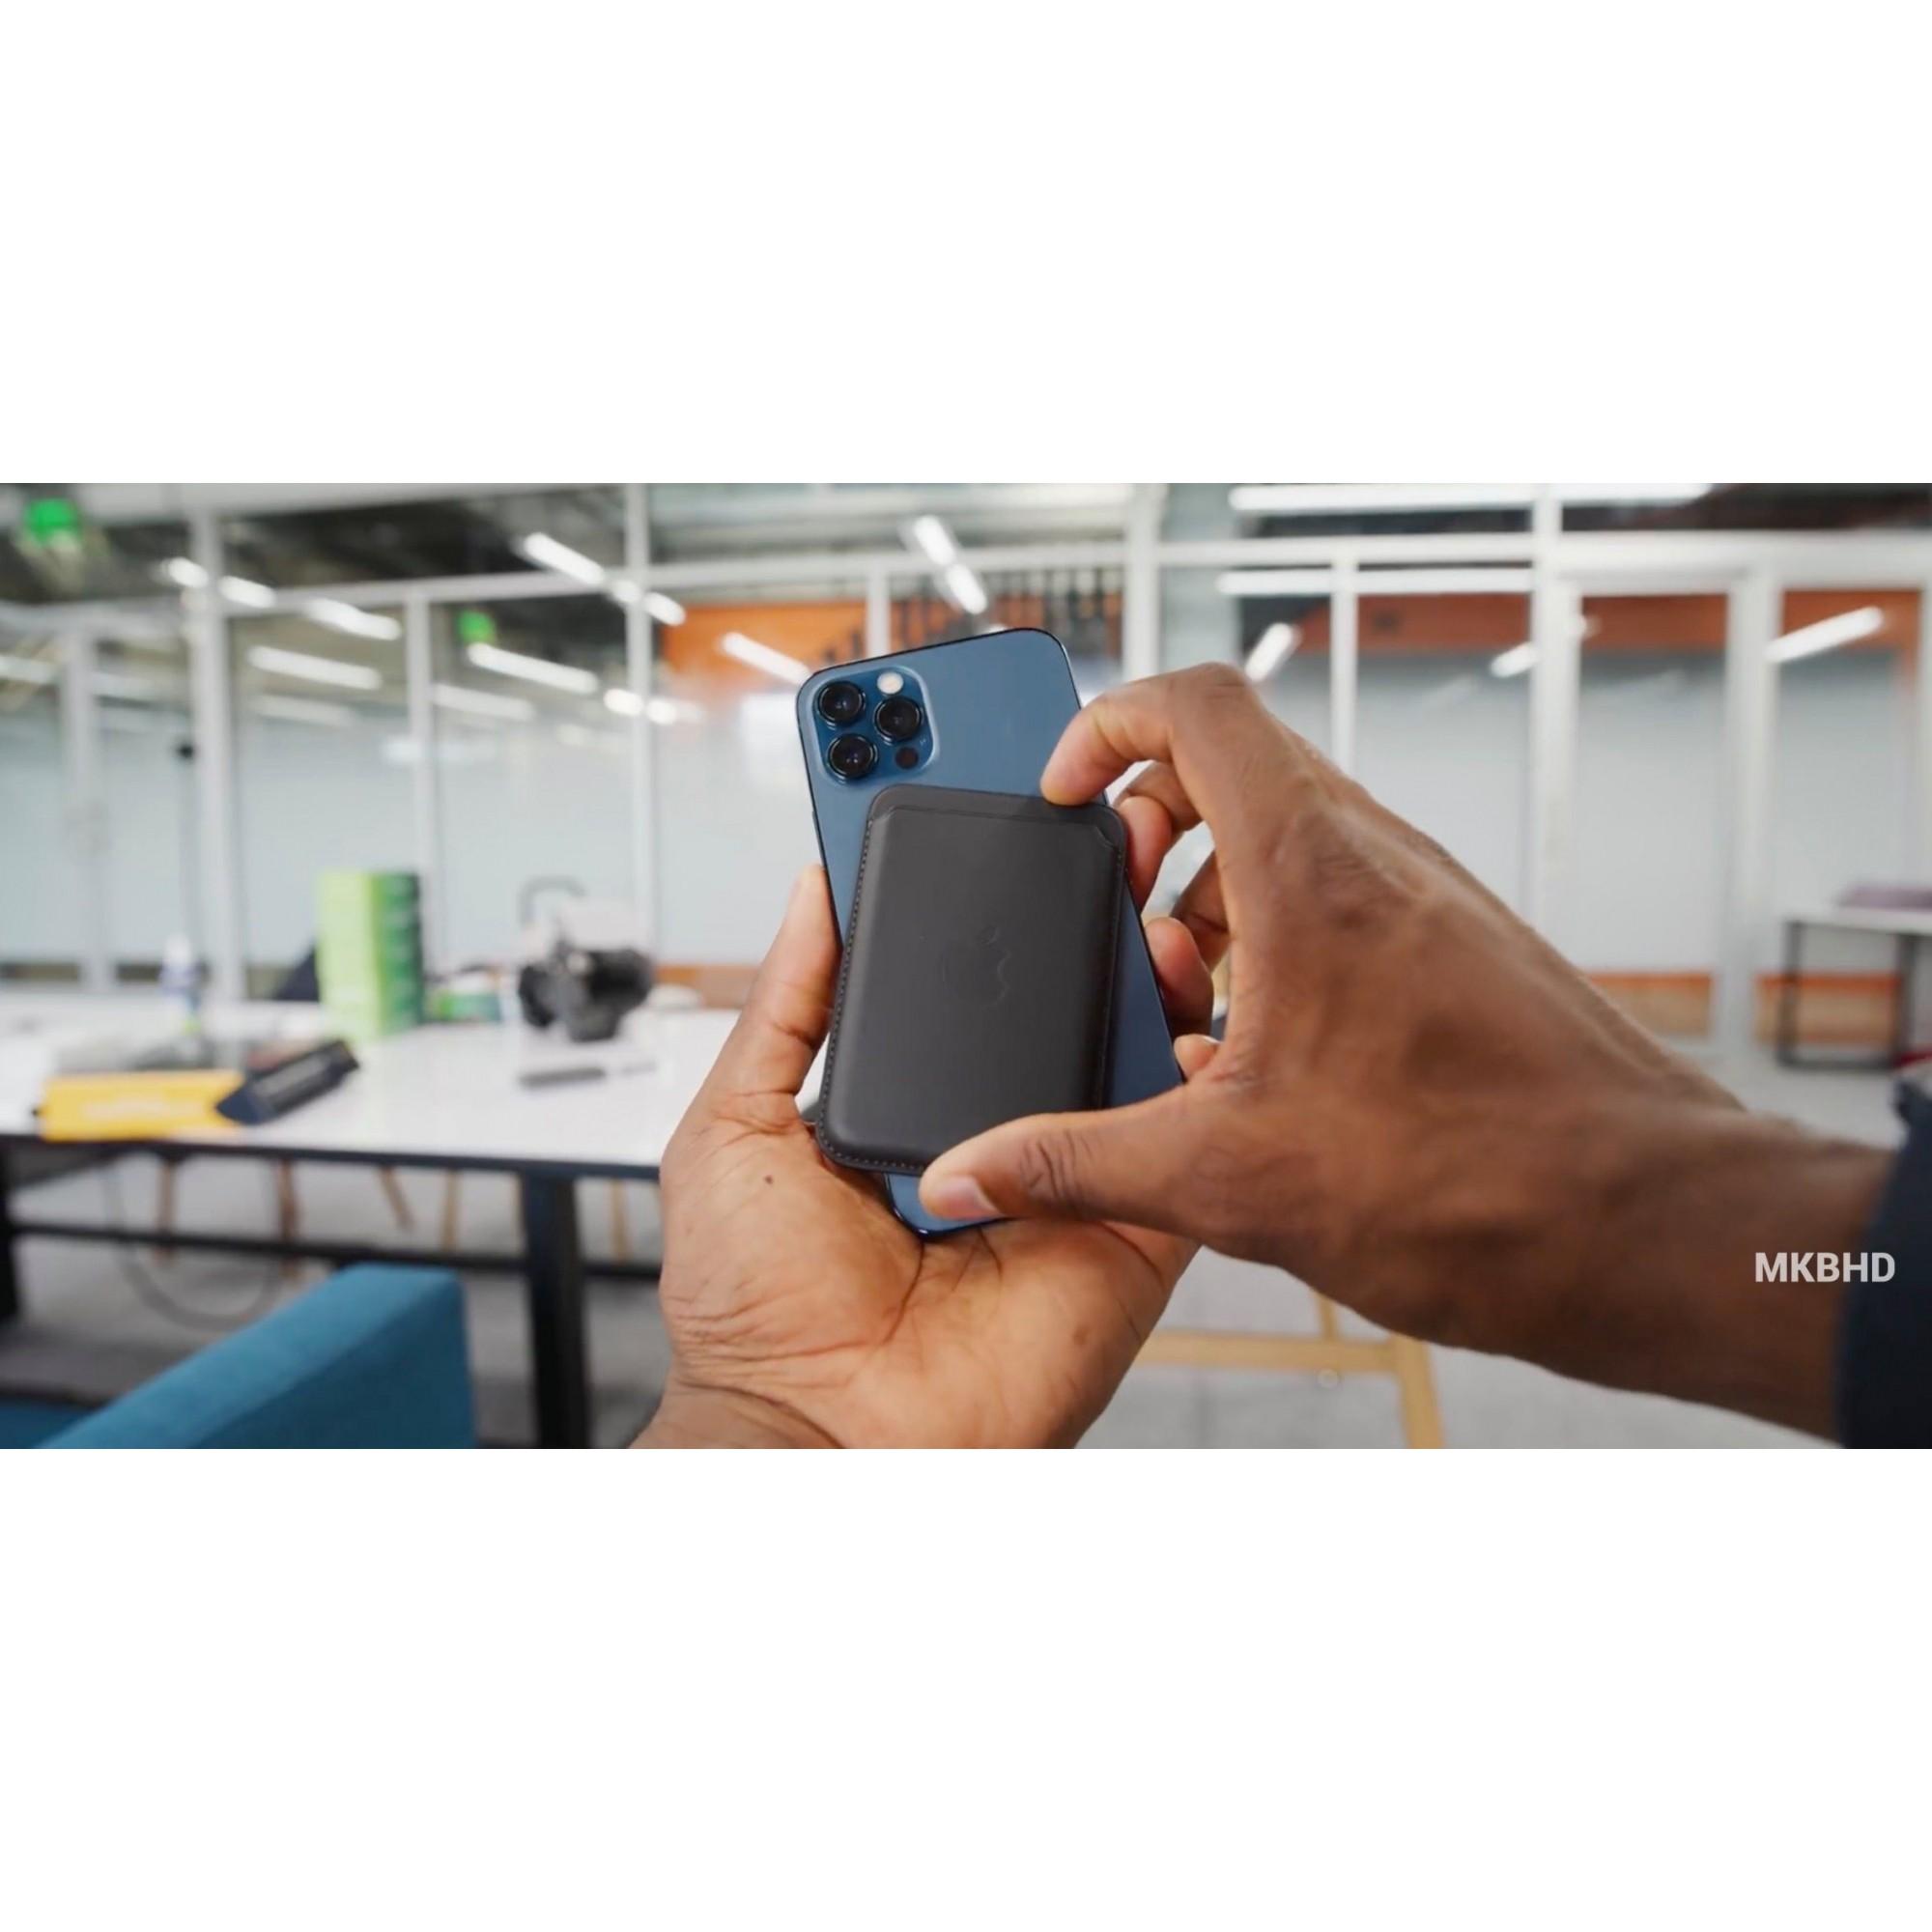 Card Case Compatível com iPhone - Preto